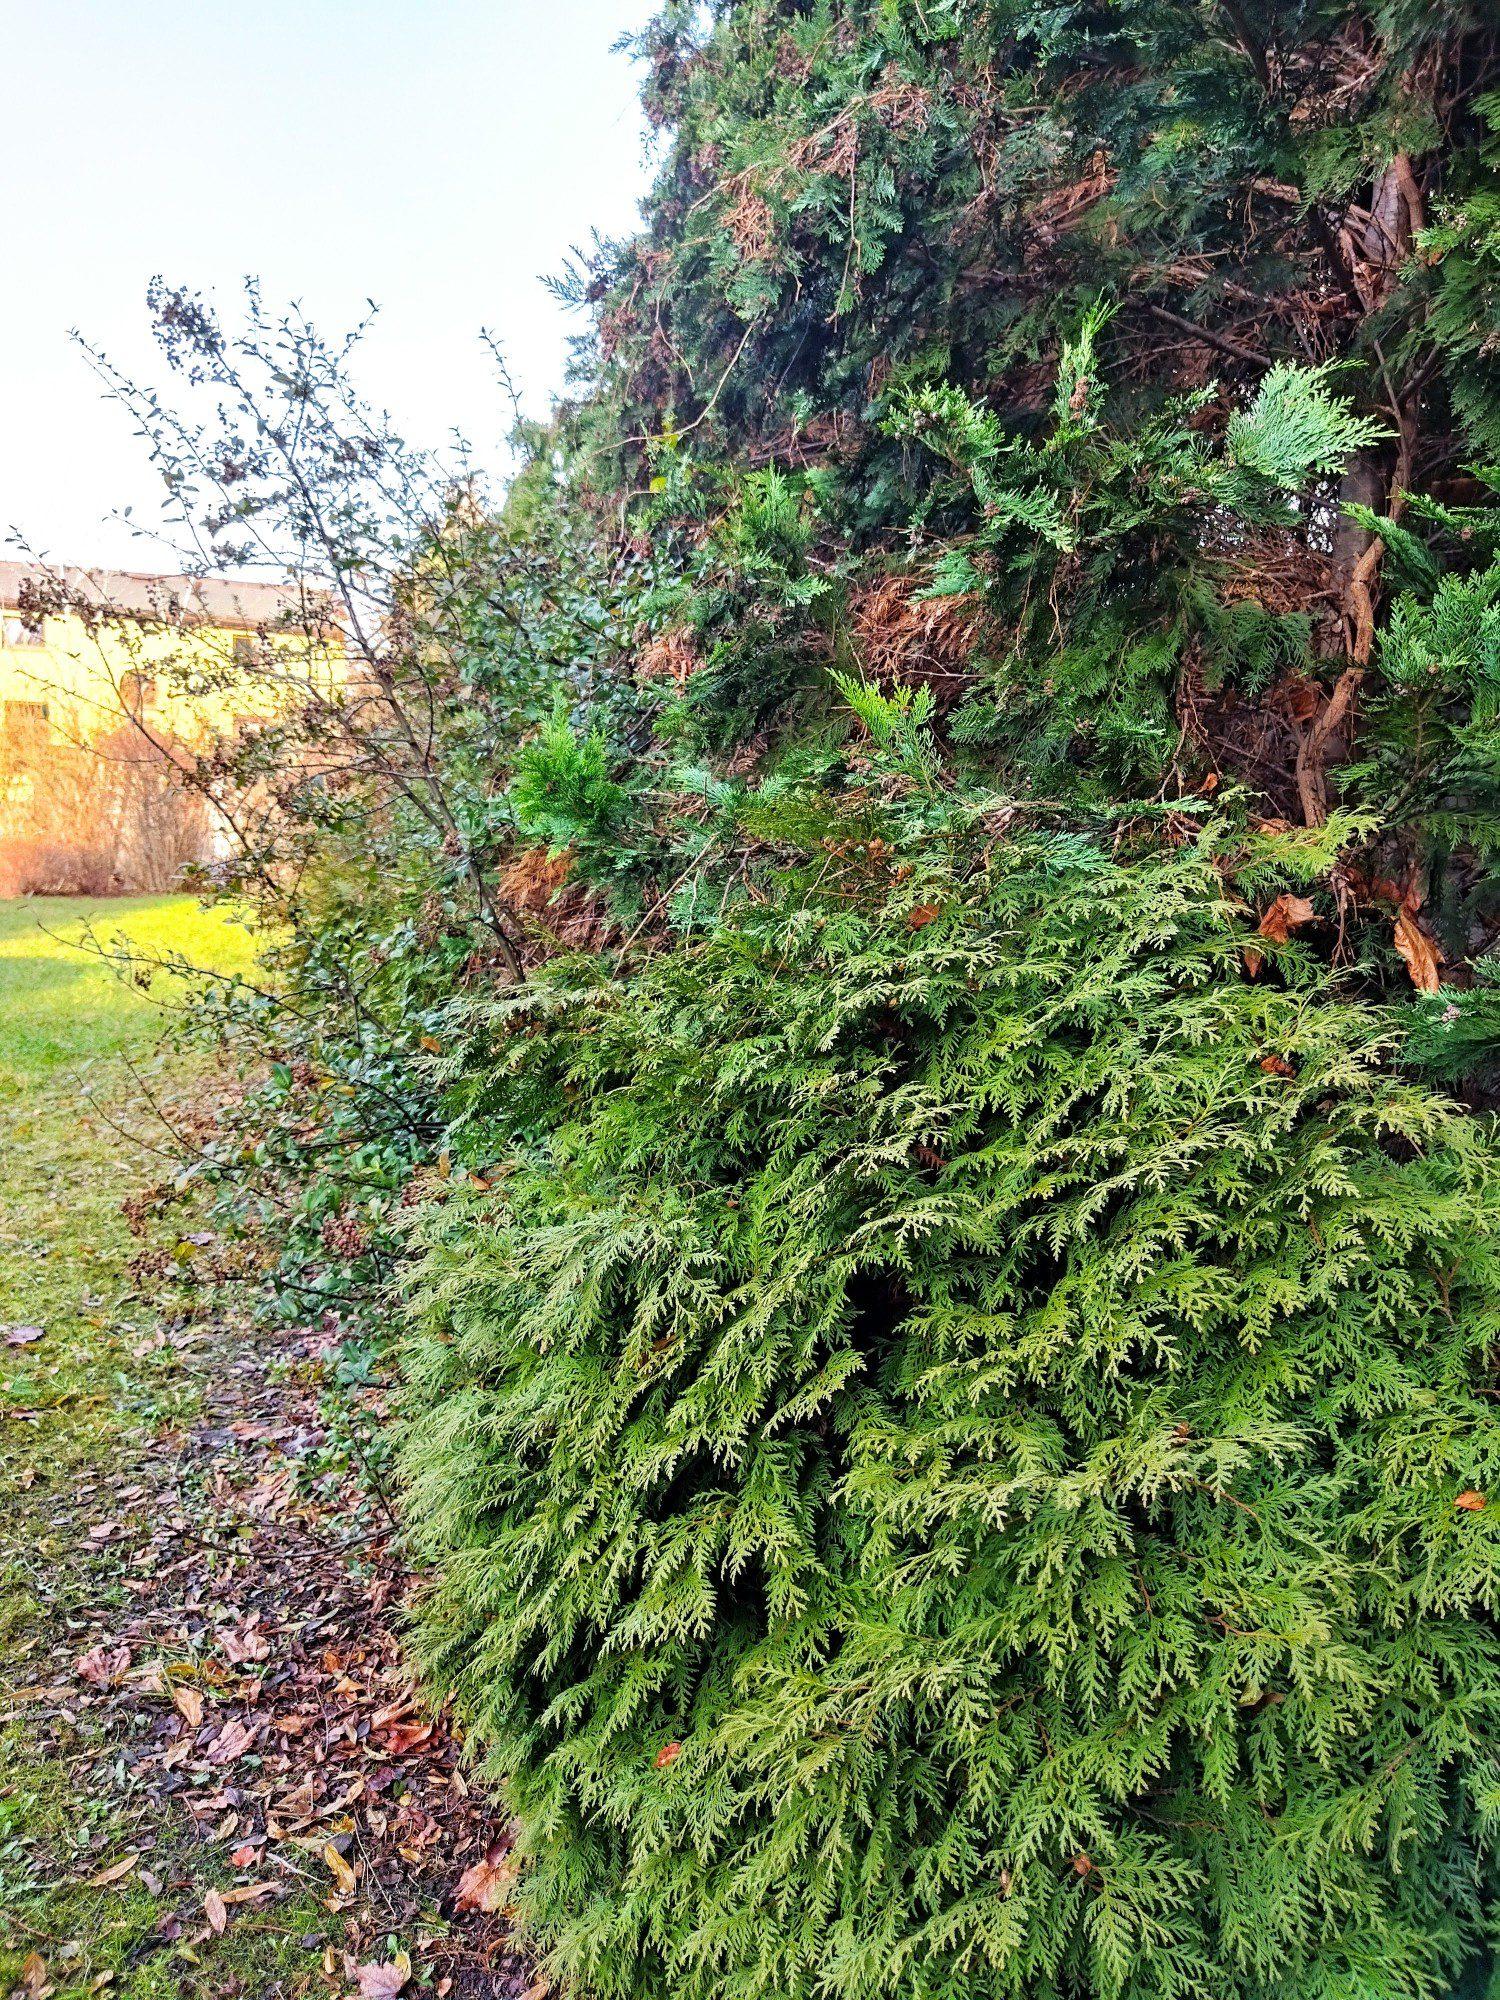 zieleń zdjęcie standard poco m3 z HDR